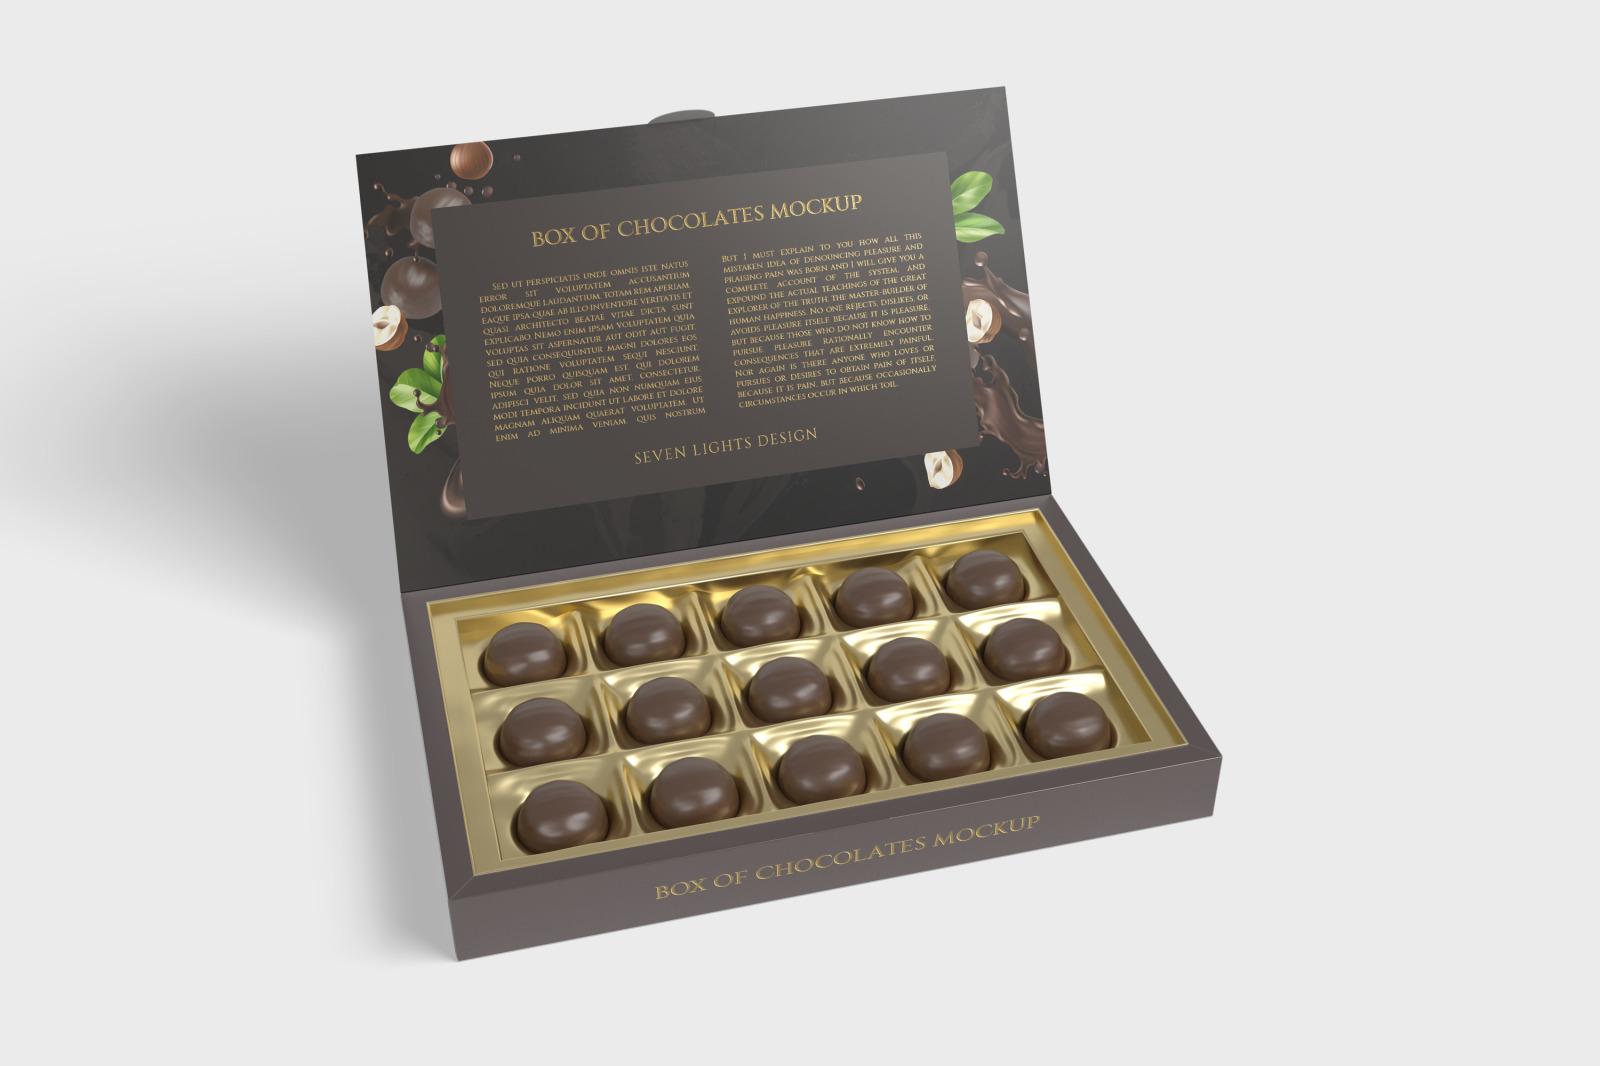 7款金箔效果巧克力包装纸盒设计展示样机 Box Of Chocolates Mockup插图(7)